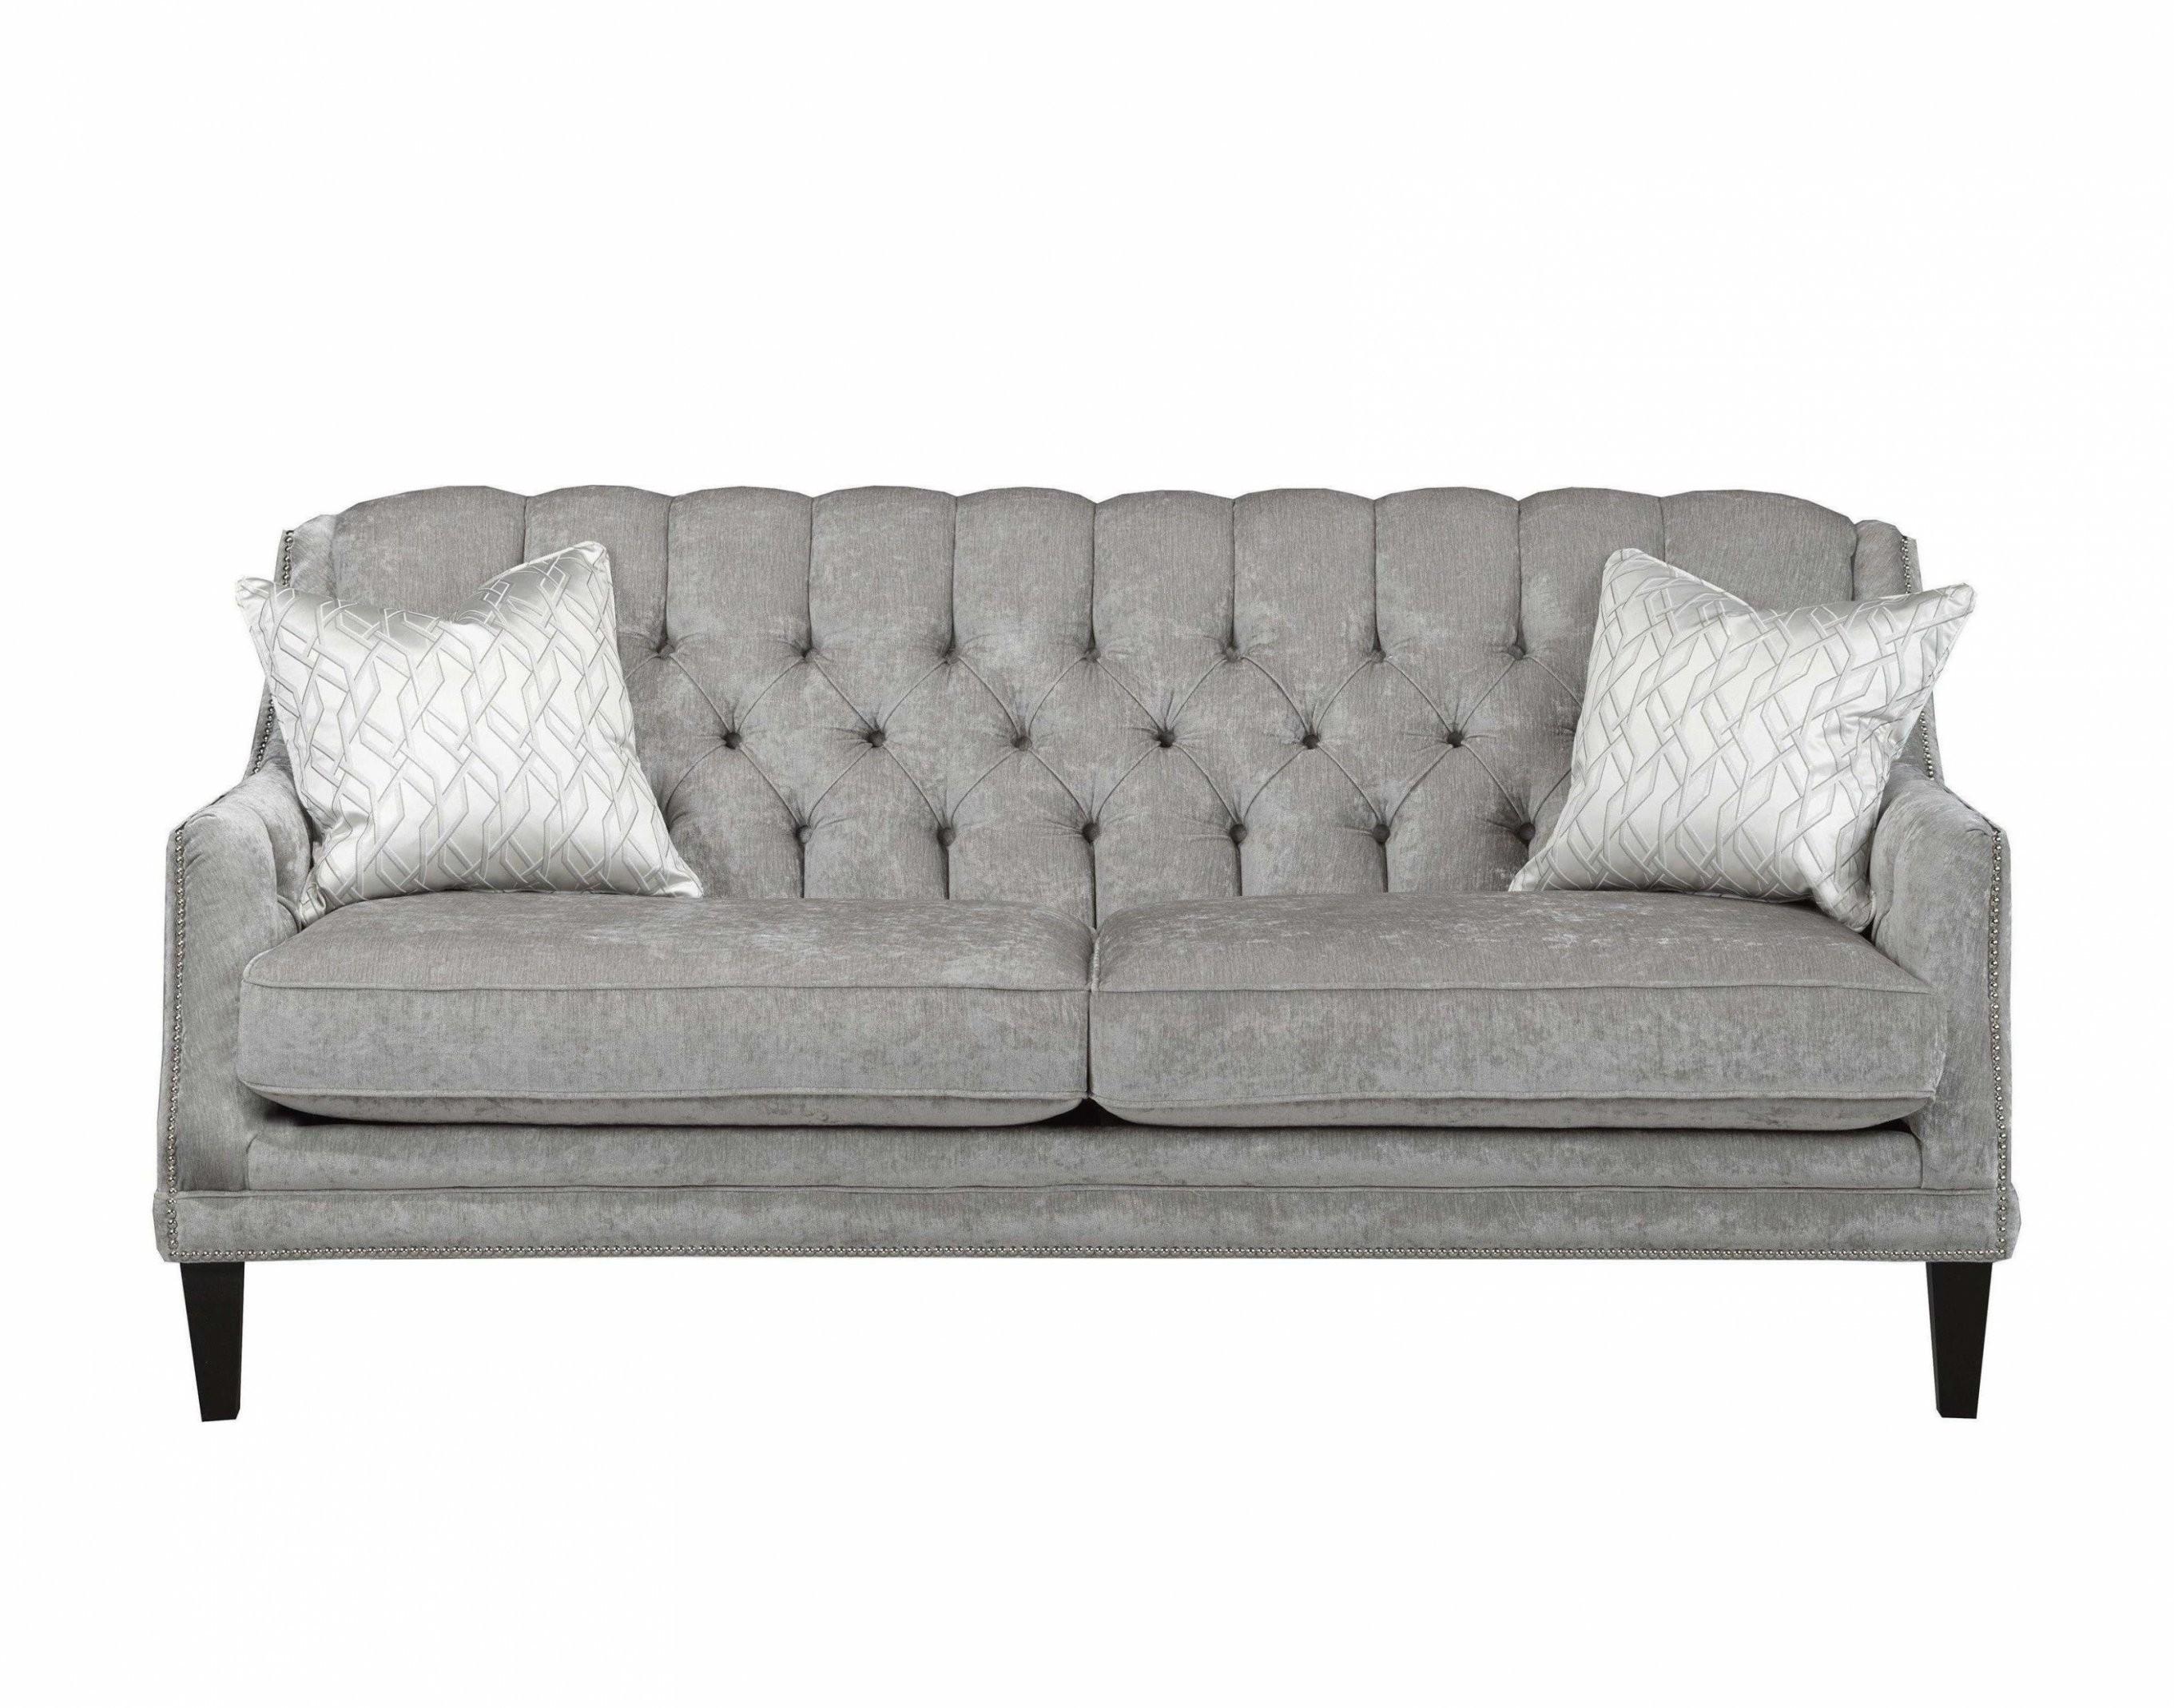 30 Elegant 2 Sitzer Sofa Mit Schlaffunktion Bettkasten Foto — Yct von 2 Sitzer Sofa Mit Schlaffunktion Bettkasten Photo